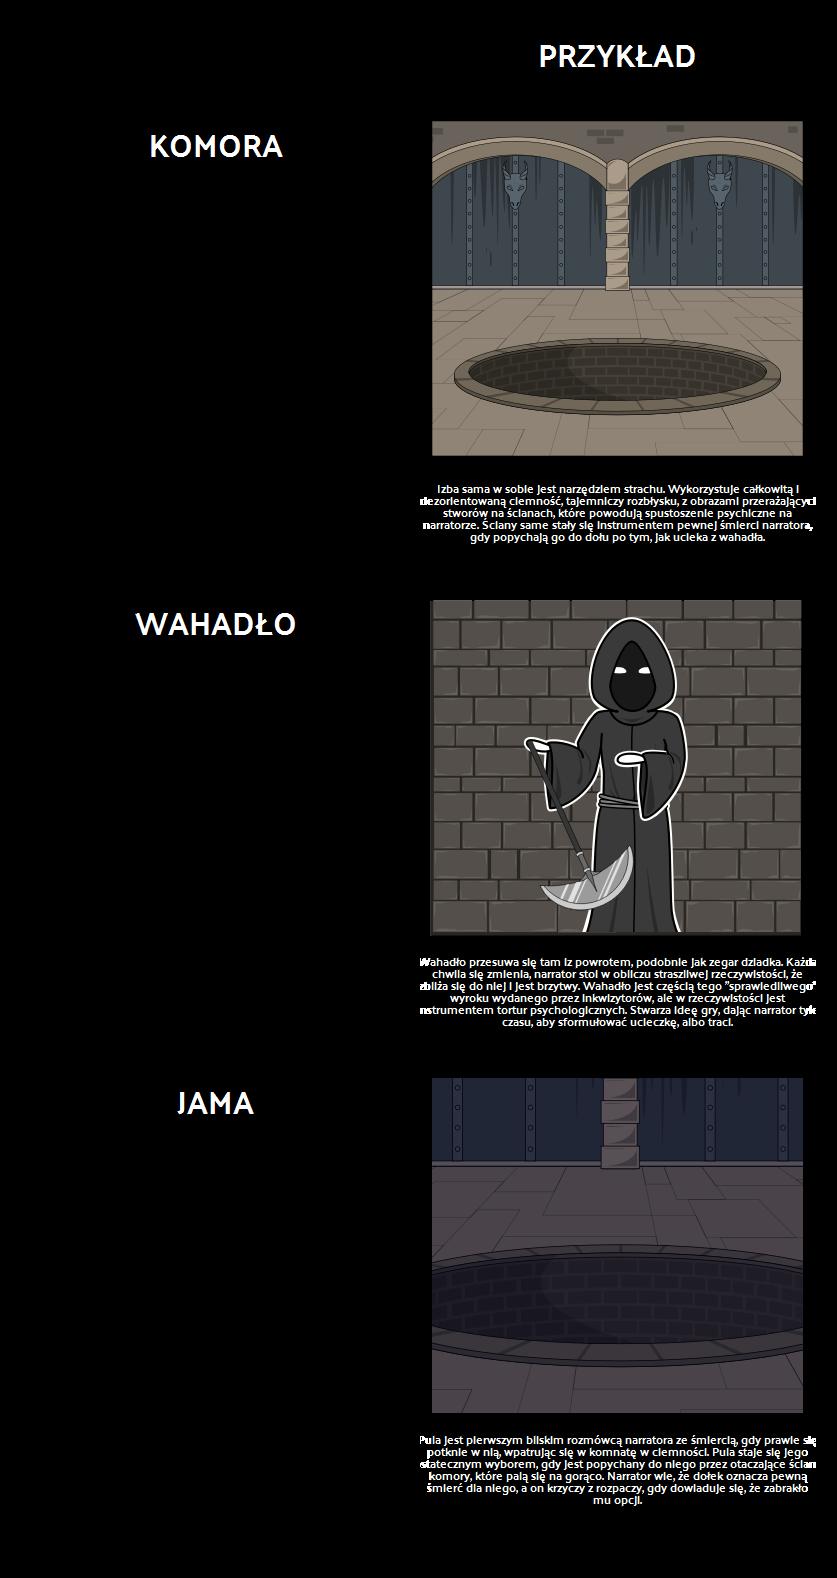 Motywy, Symbole i Motywy w Pitku i Wahadle